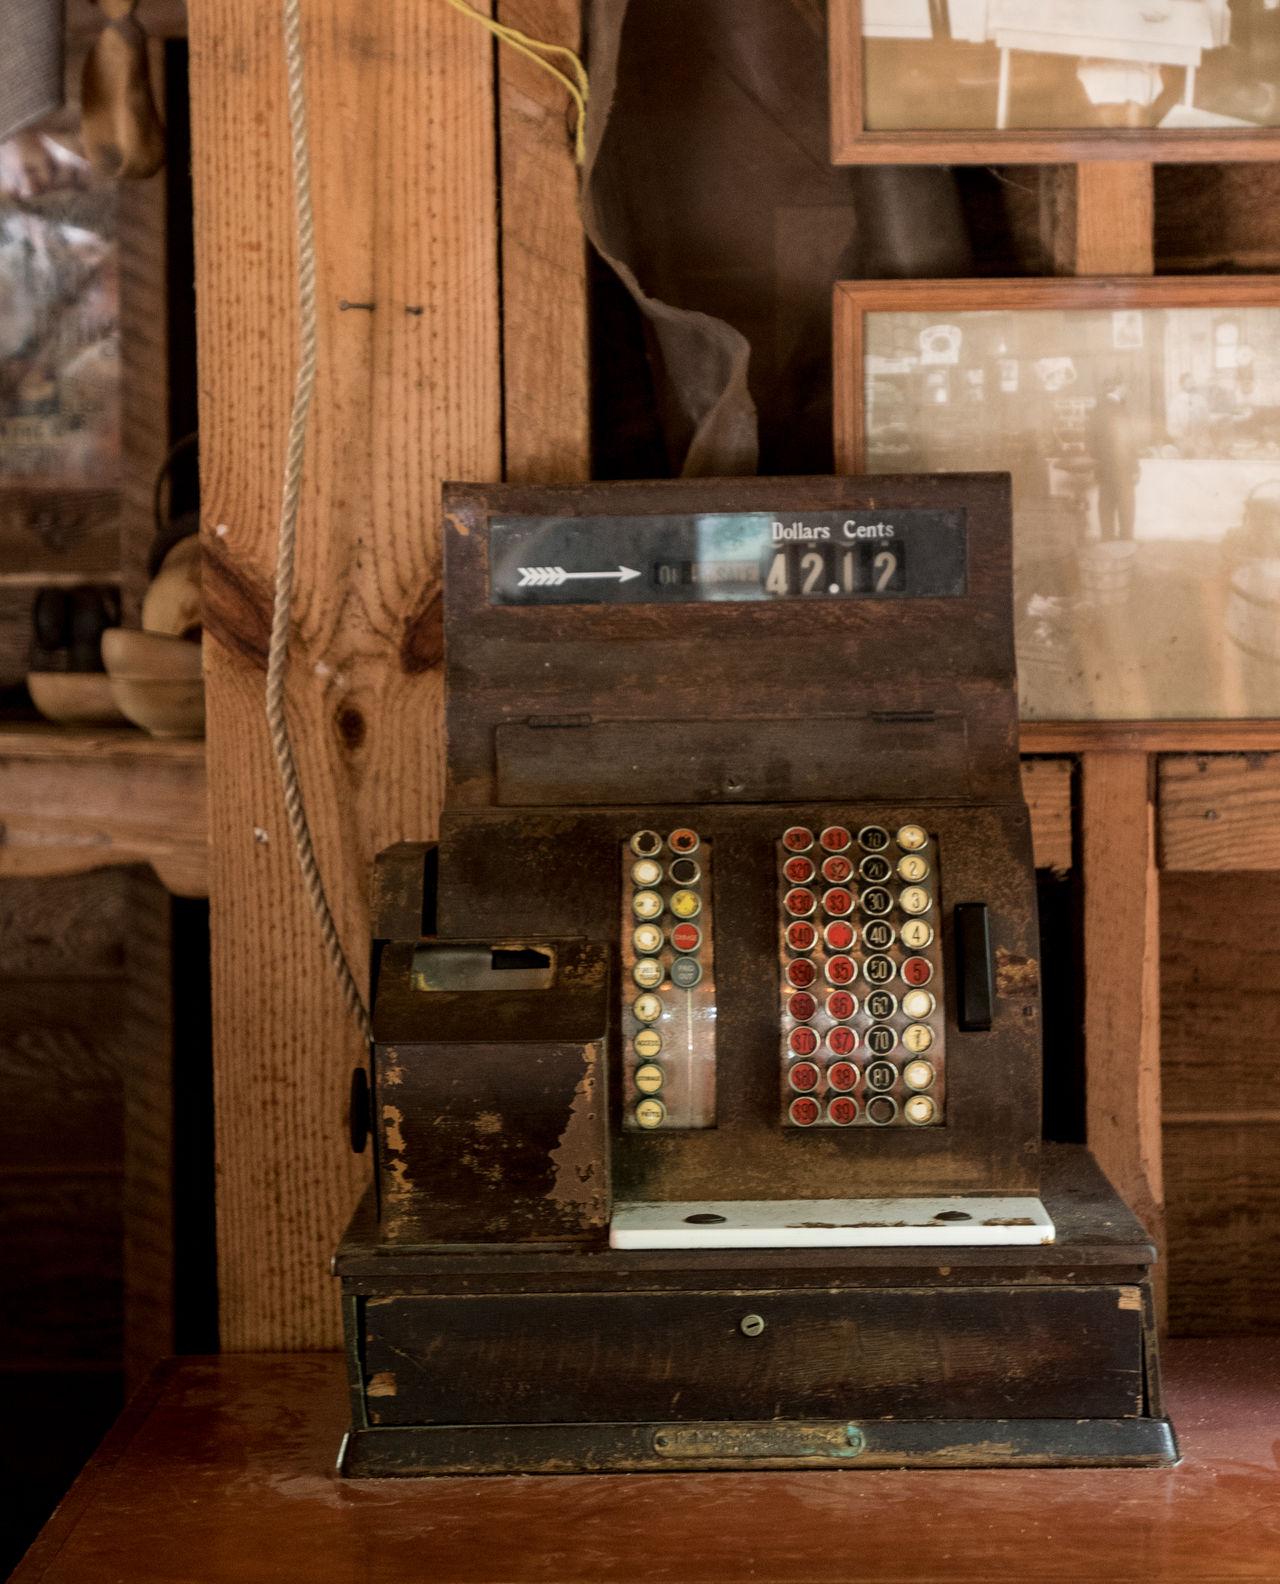 Antique Antique Shop Cash Register Cashier  Fleemarket Indoors  Market Old-fashioned